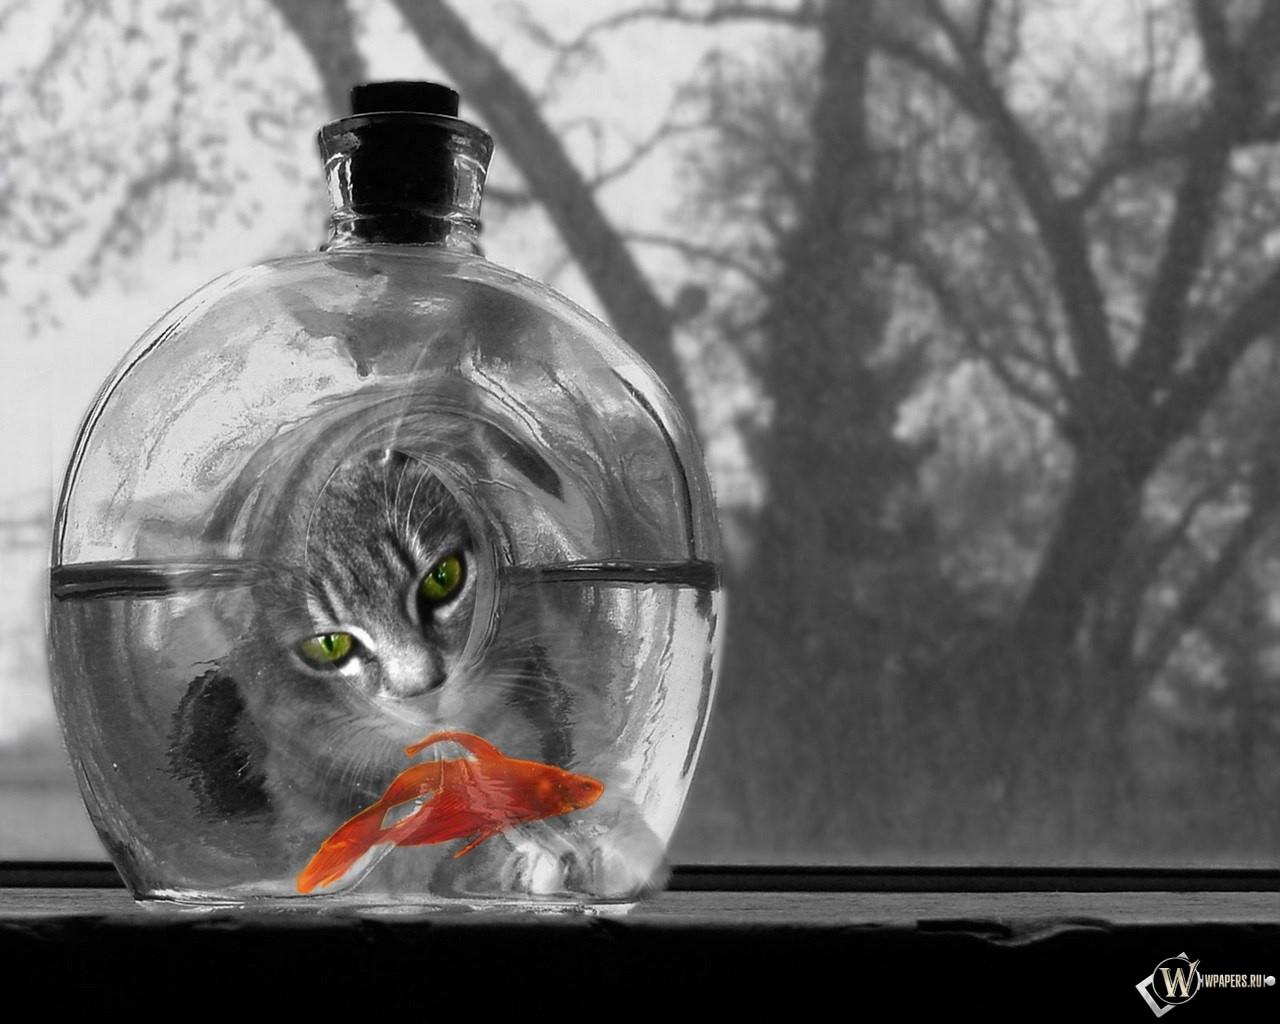 Кот и рыбка 1280x1024